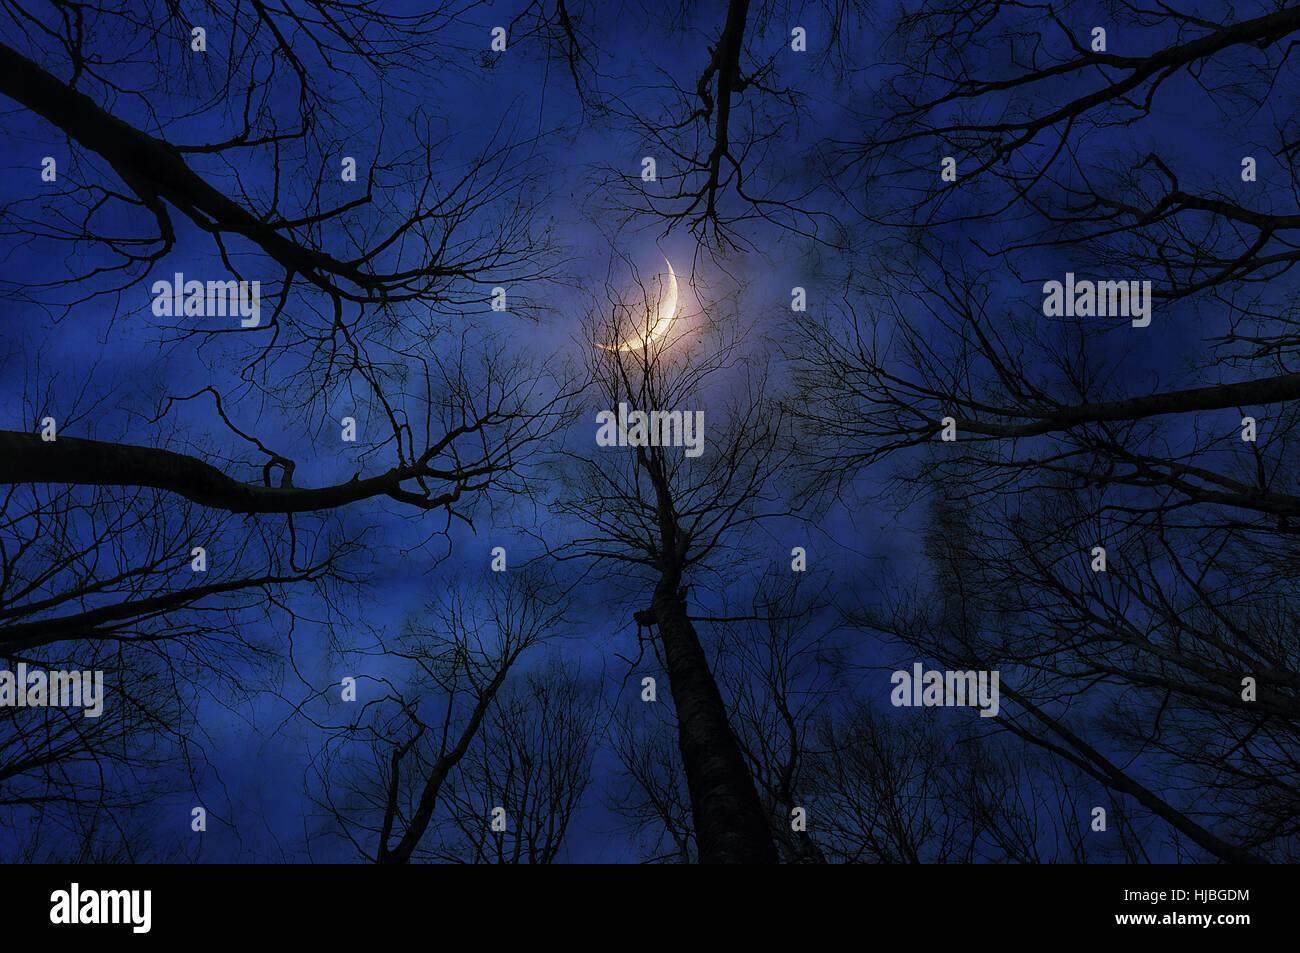 Horror-Wald mit Mond in der Nacht Stockbild